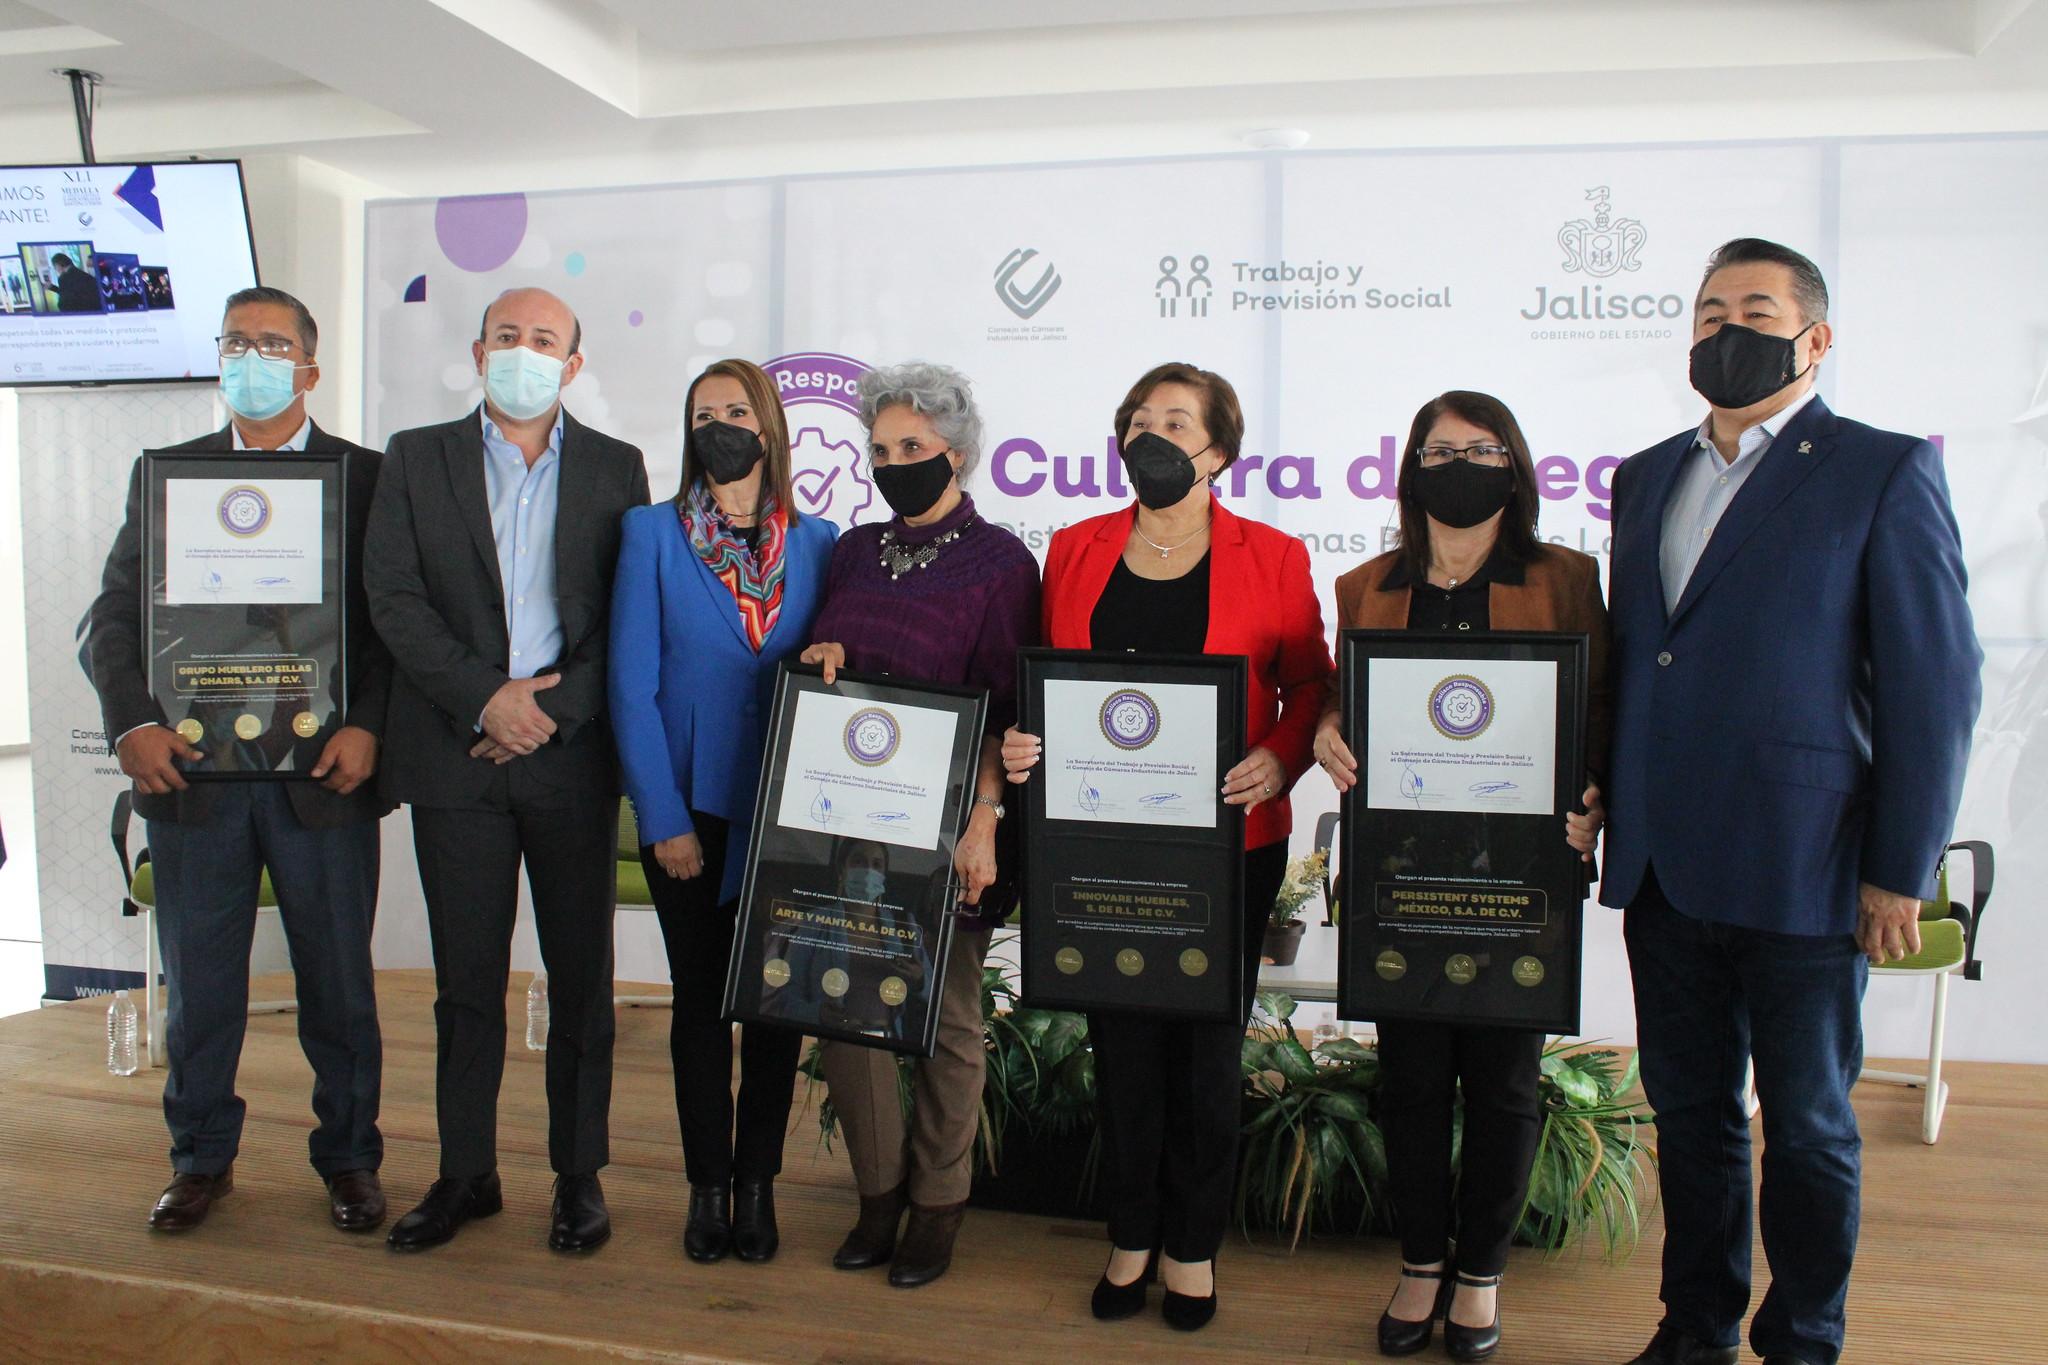 Se reconoce a 27 empresas con  el Distintivo Jalisco Responsable de buenas prácticas laborales